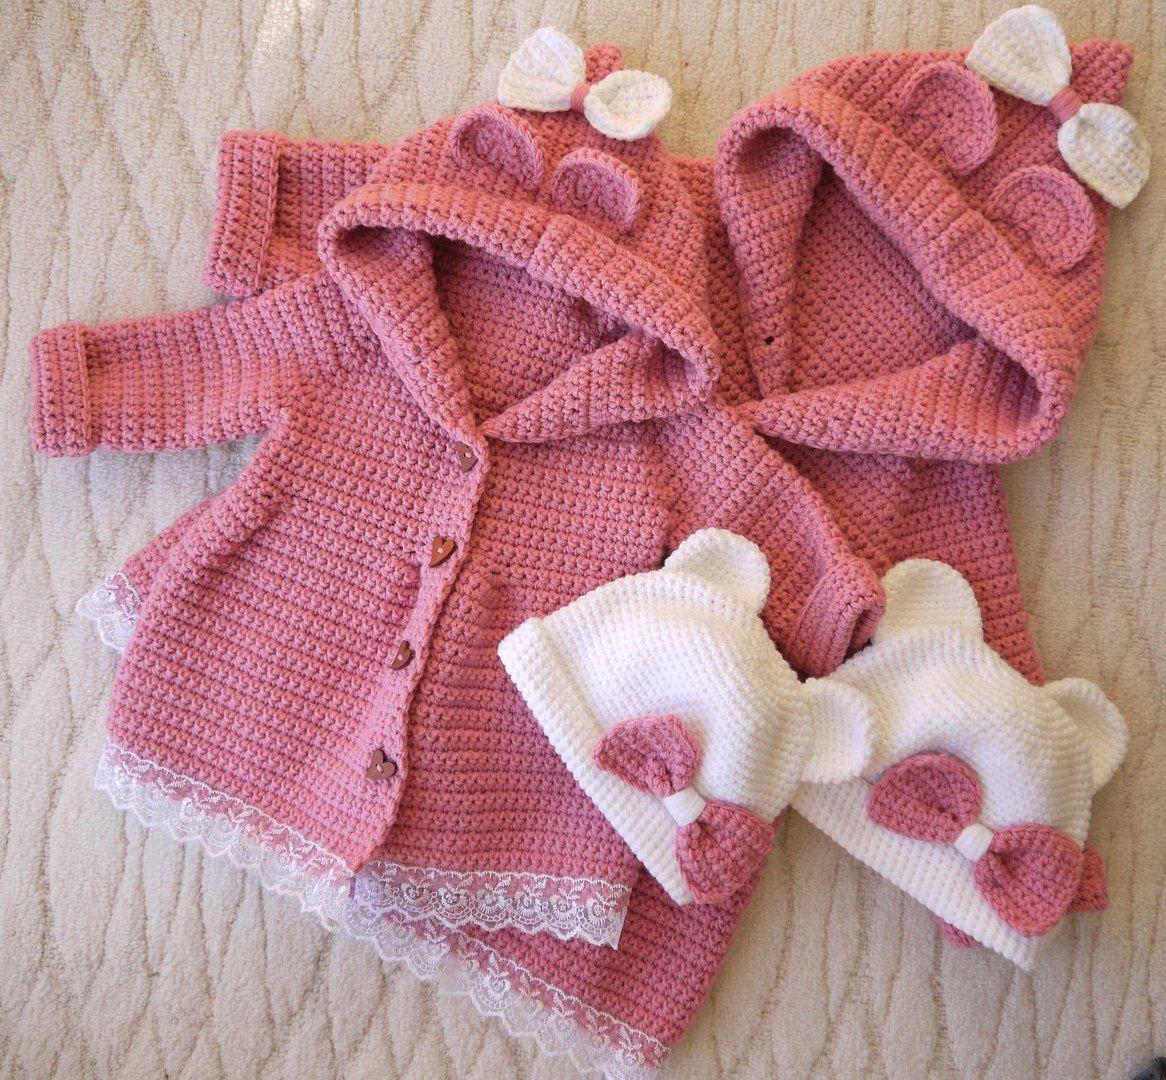 Одежда для девочек, ручной работы. Ярмарка Мастеров - ручная работа. Купить Вязаный кардиган. Handmade. Вязание крючком, вязание для детей